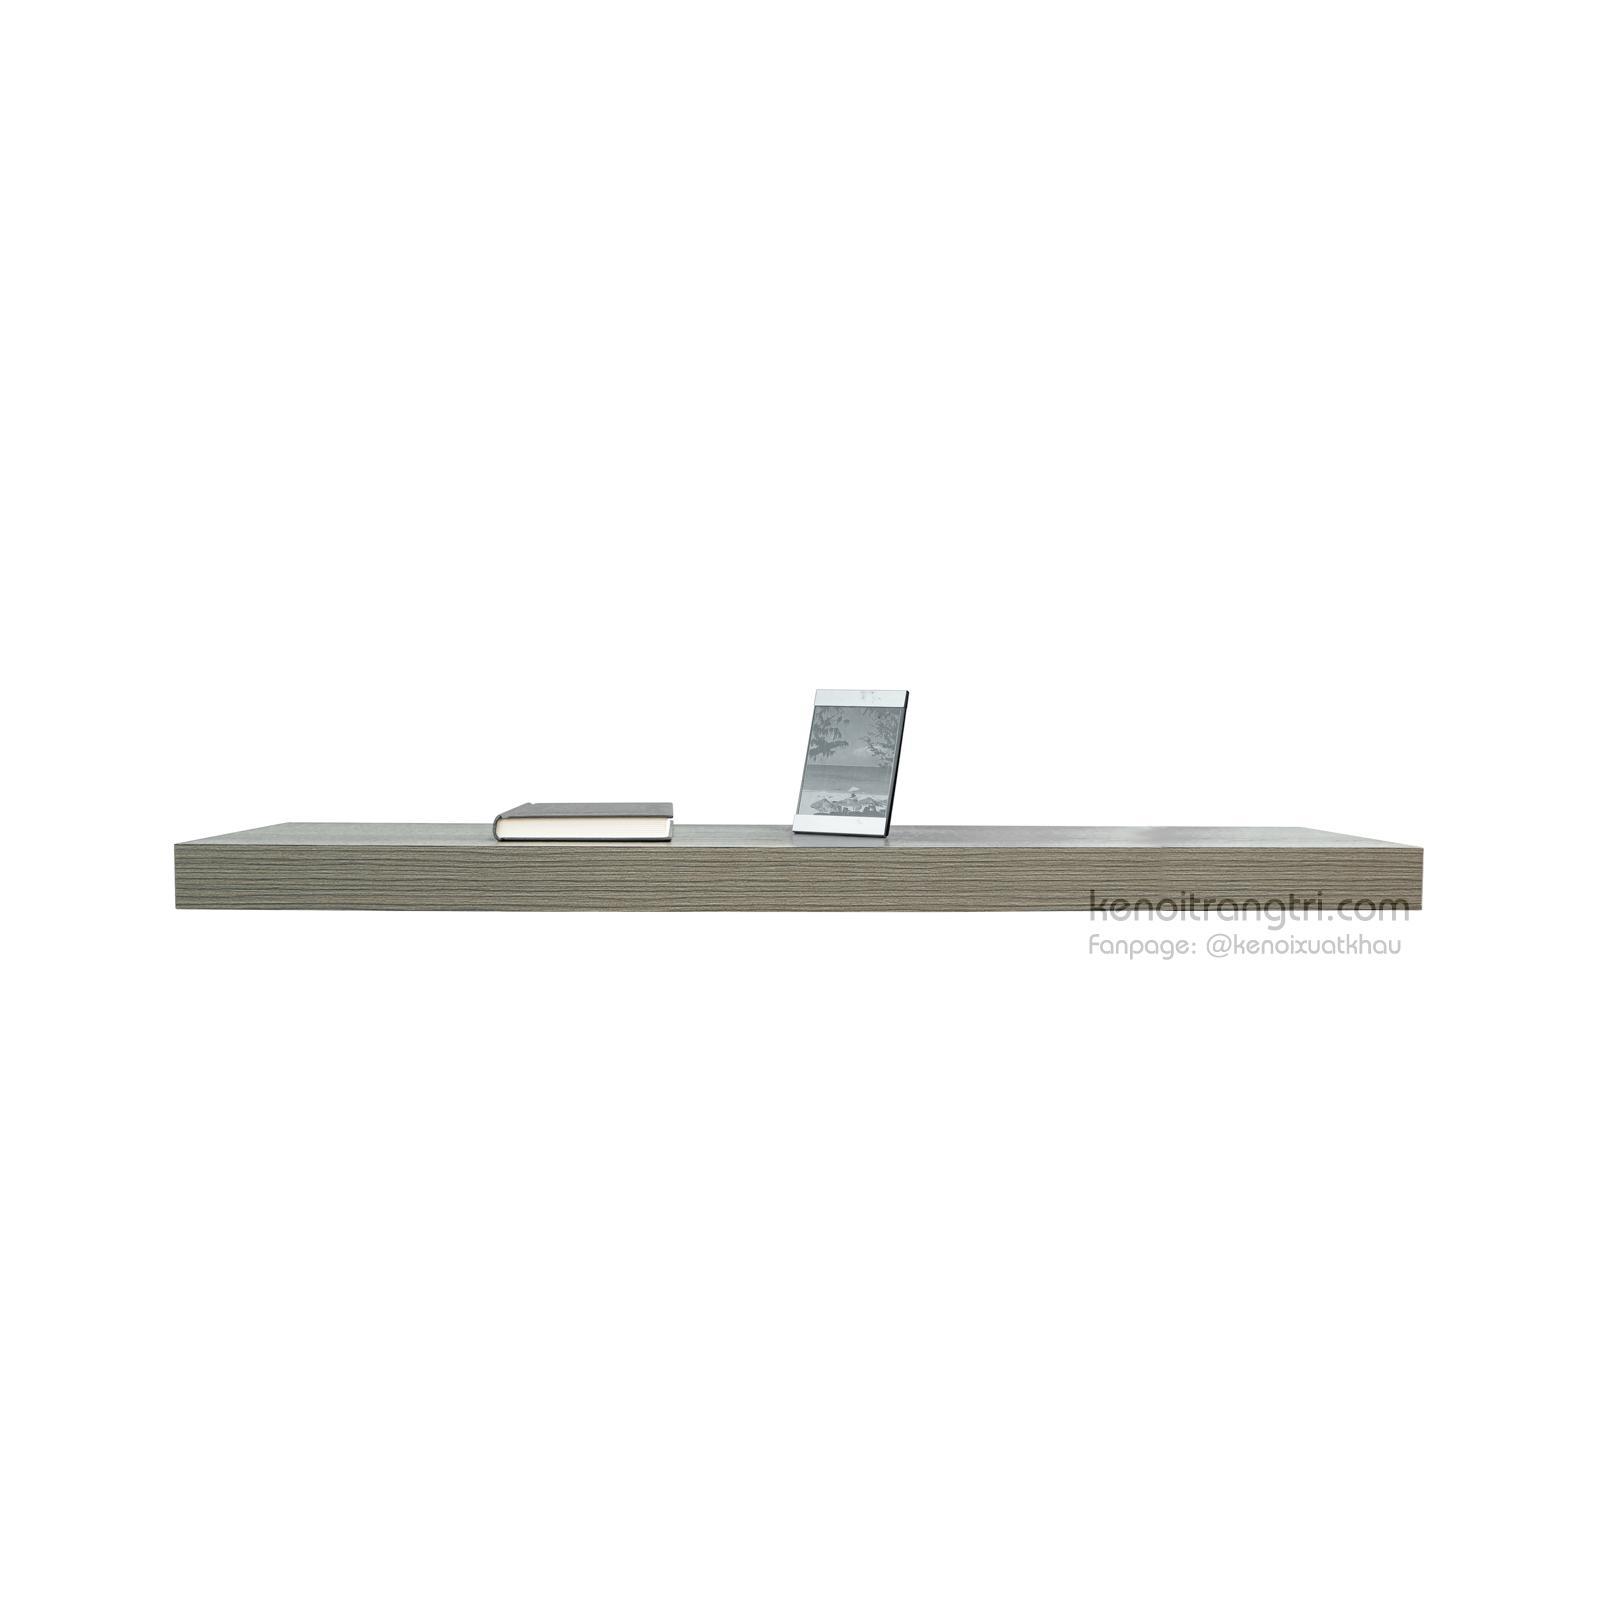 Kệ nổi trên tường 1 thanh 120x26x5 cm Modo Harac M7 (Xám vân gỗ)